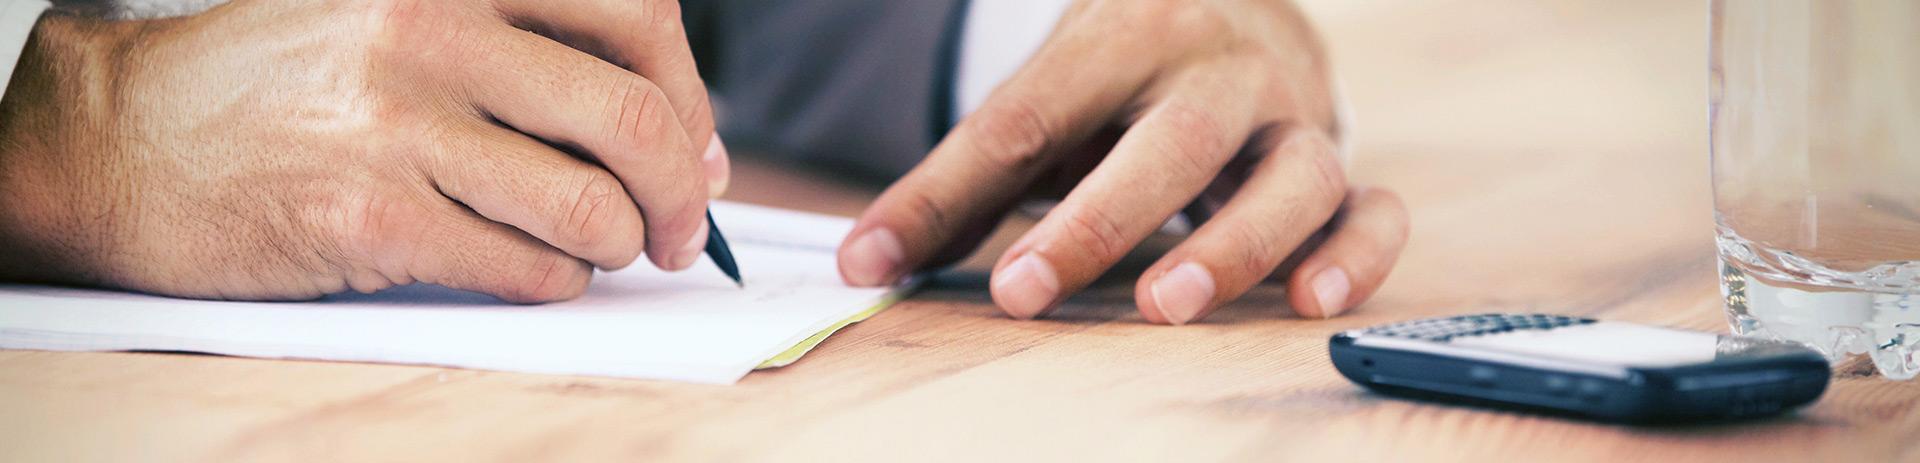 Mann unterschreibt Papiere